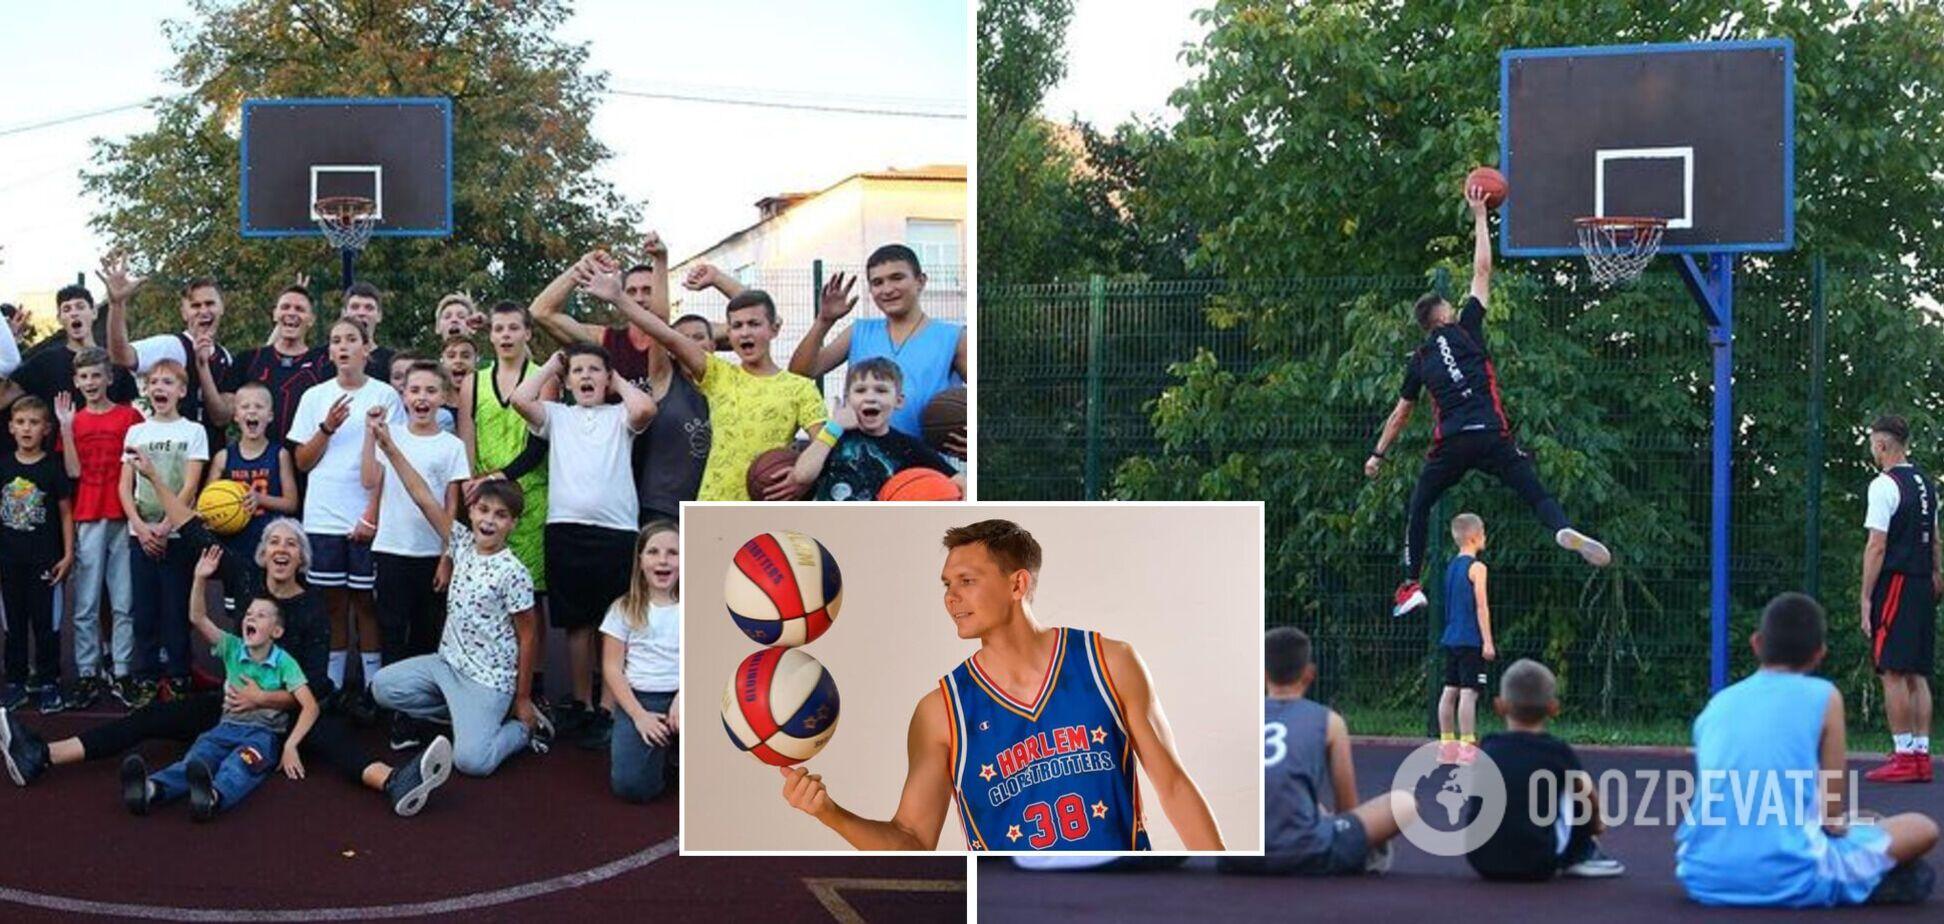 Кривенко просуває український баскетбольний рух середовища школярів